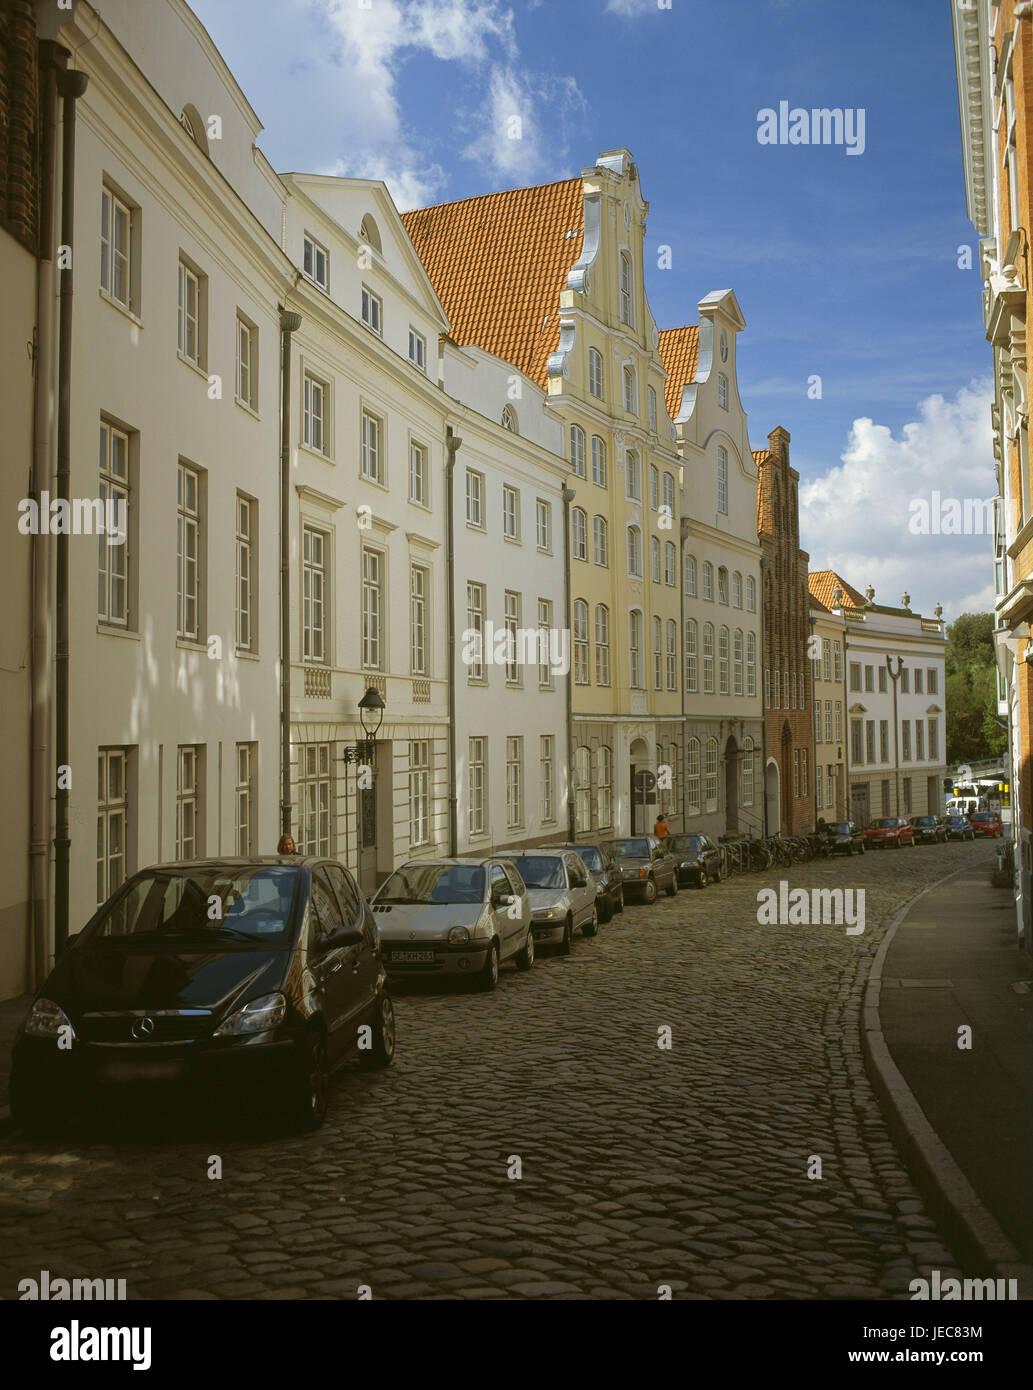 deutschland schleswig holstein l beck altstadt gro e peter ist meins stra e h user. Black Bedroom Furniture Sets. Home Design Ideas